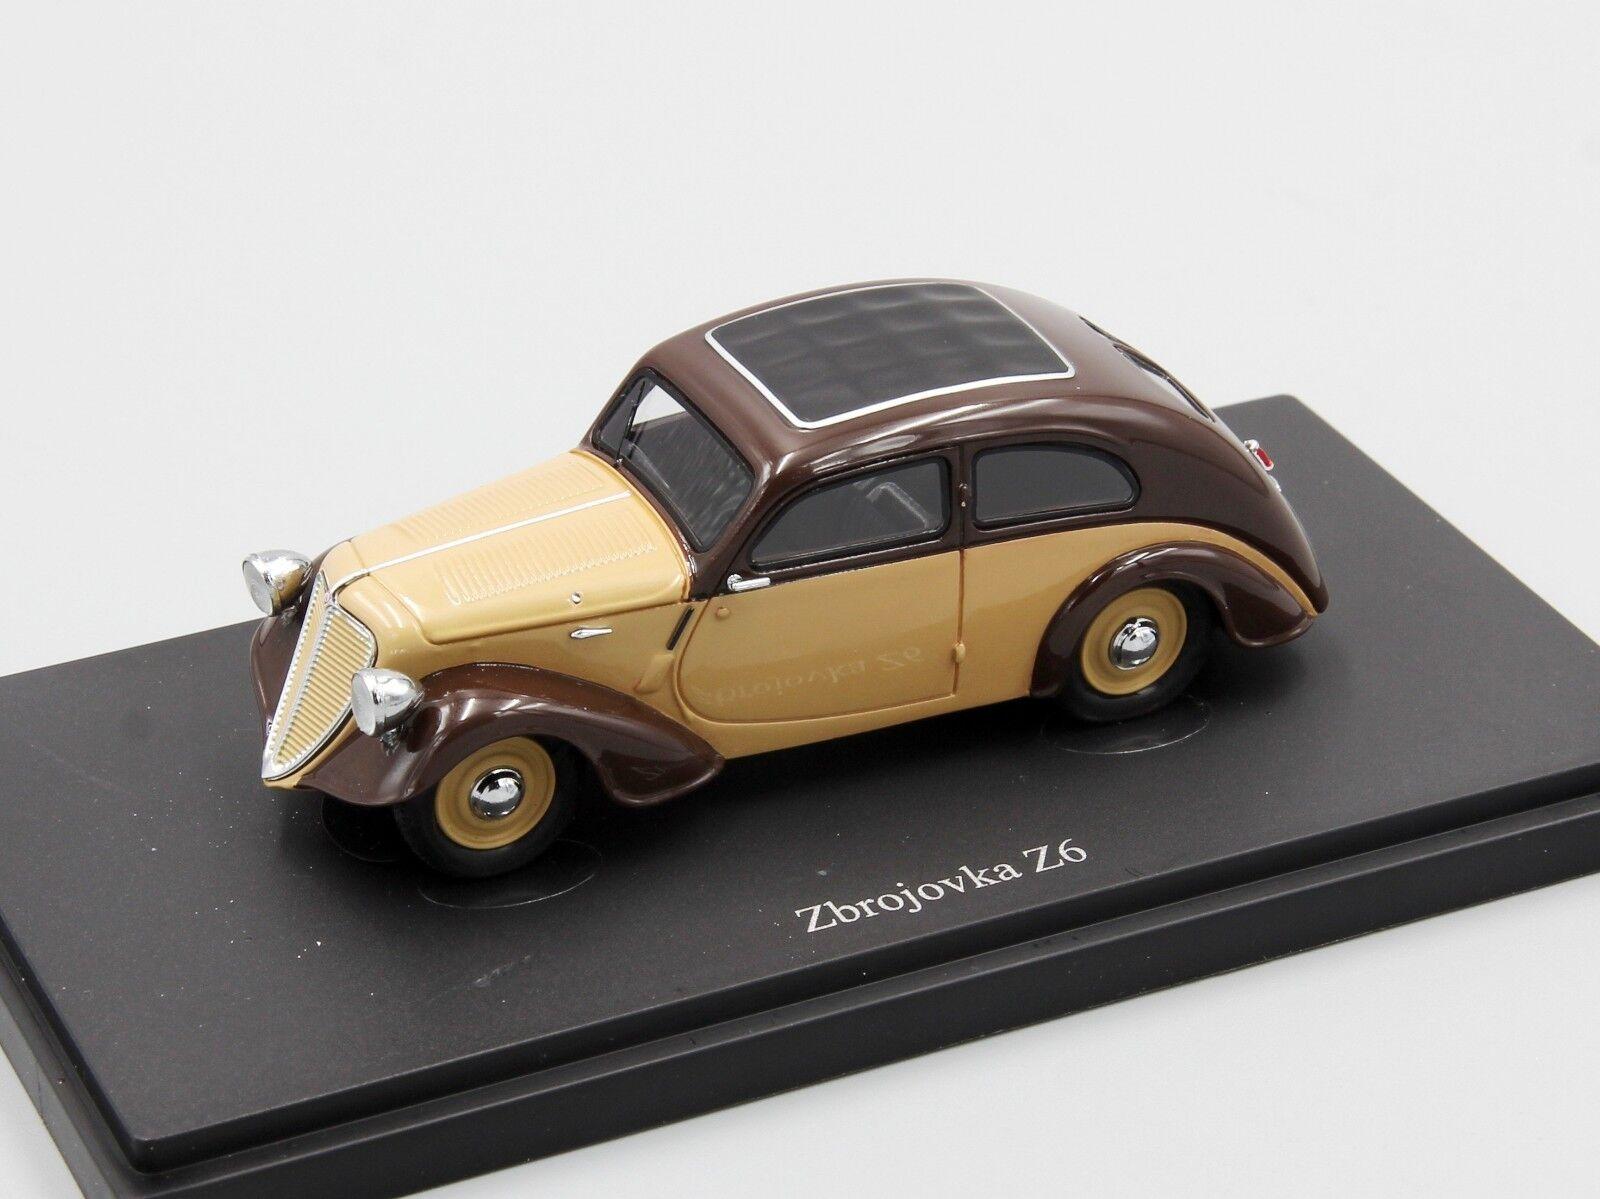 Autocult 1 43 Zbrougevka Z6, ivoire-marron, République tchèque, 1935